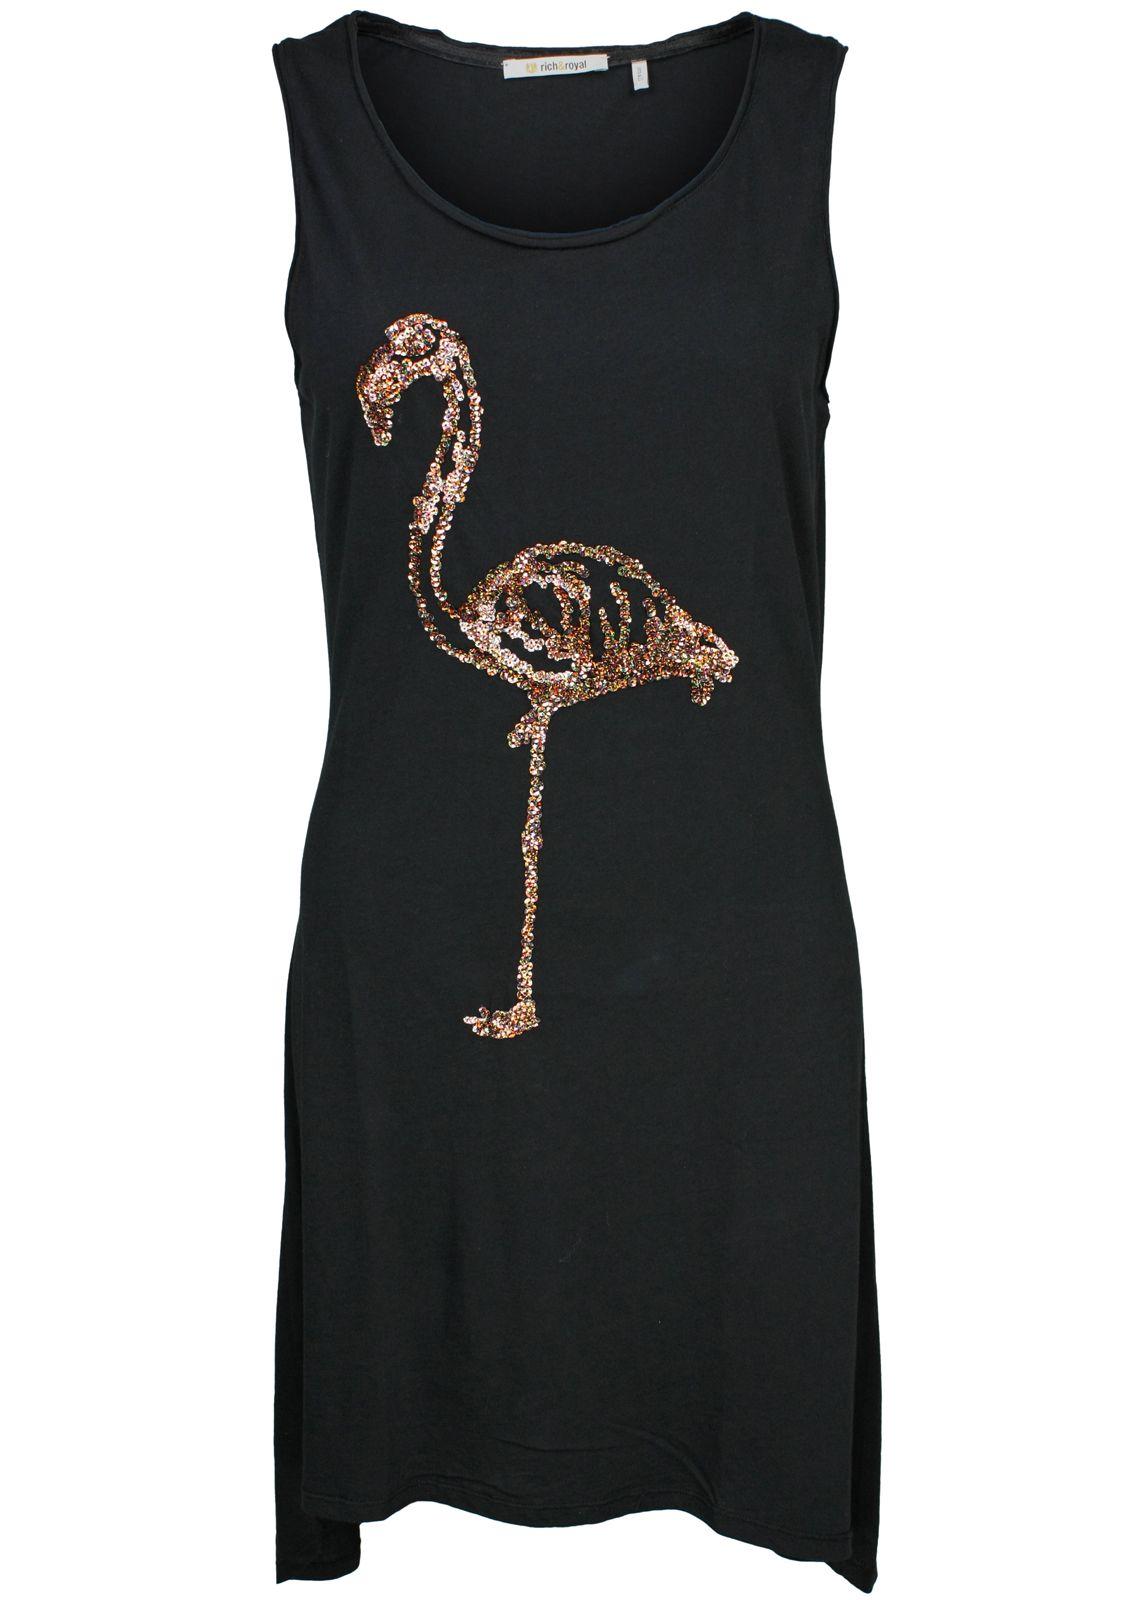 rich royal kleid jerseykleid flamingo fettebeute. Black Bedroom Furniture Sets. Home Design Ideas